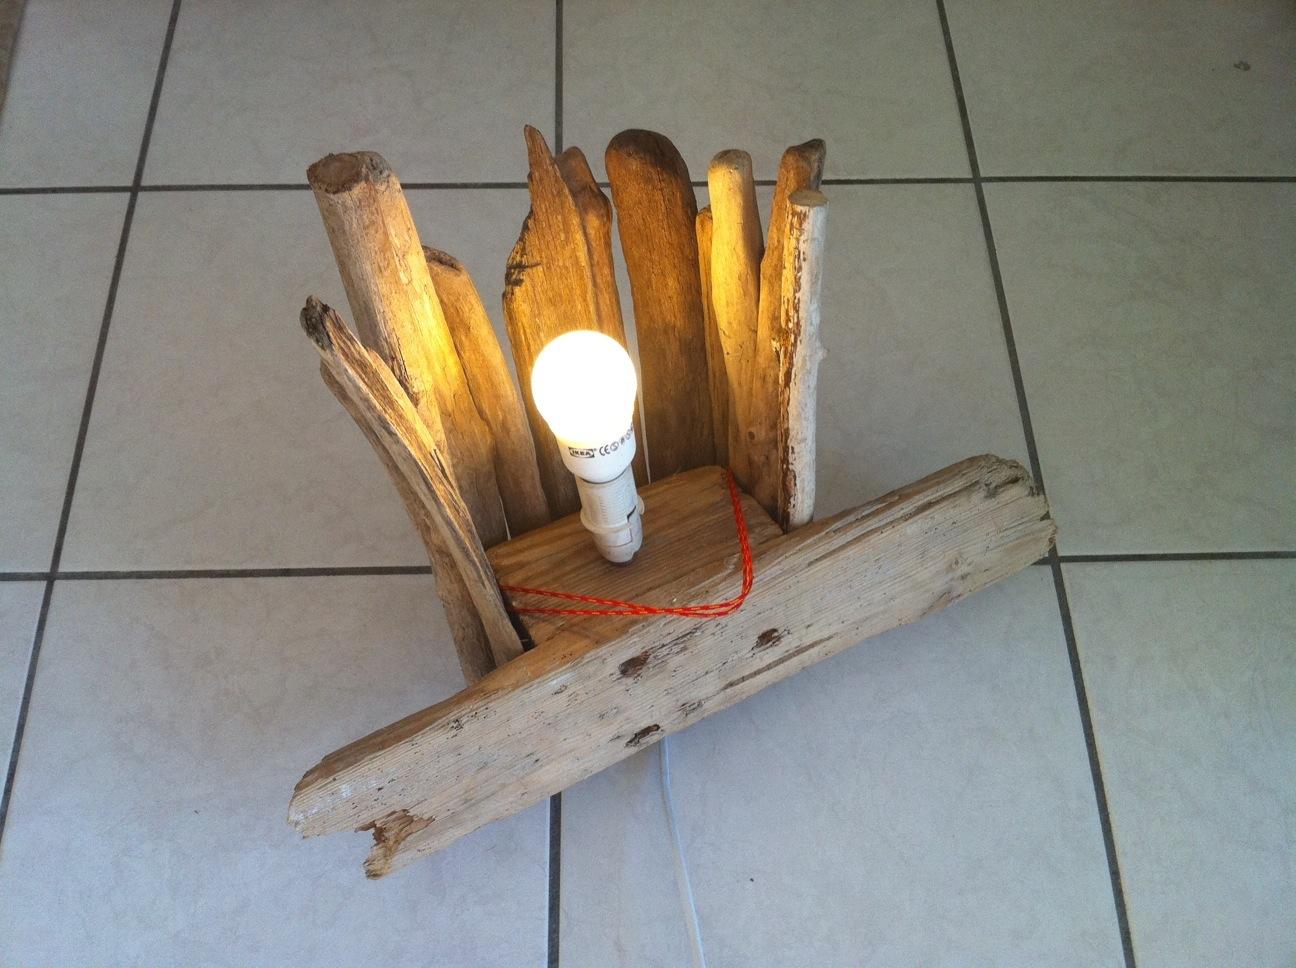 fabriquer lampe en bois intrieur bois flottant premire lampe murale with applique murale a faire. Black Bedroom Furniture Sets. Home Design Ideas